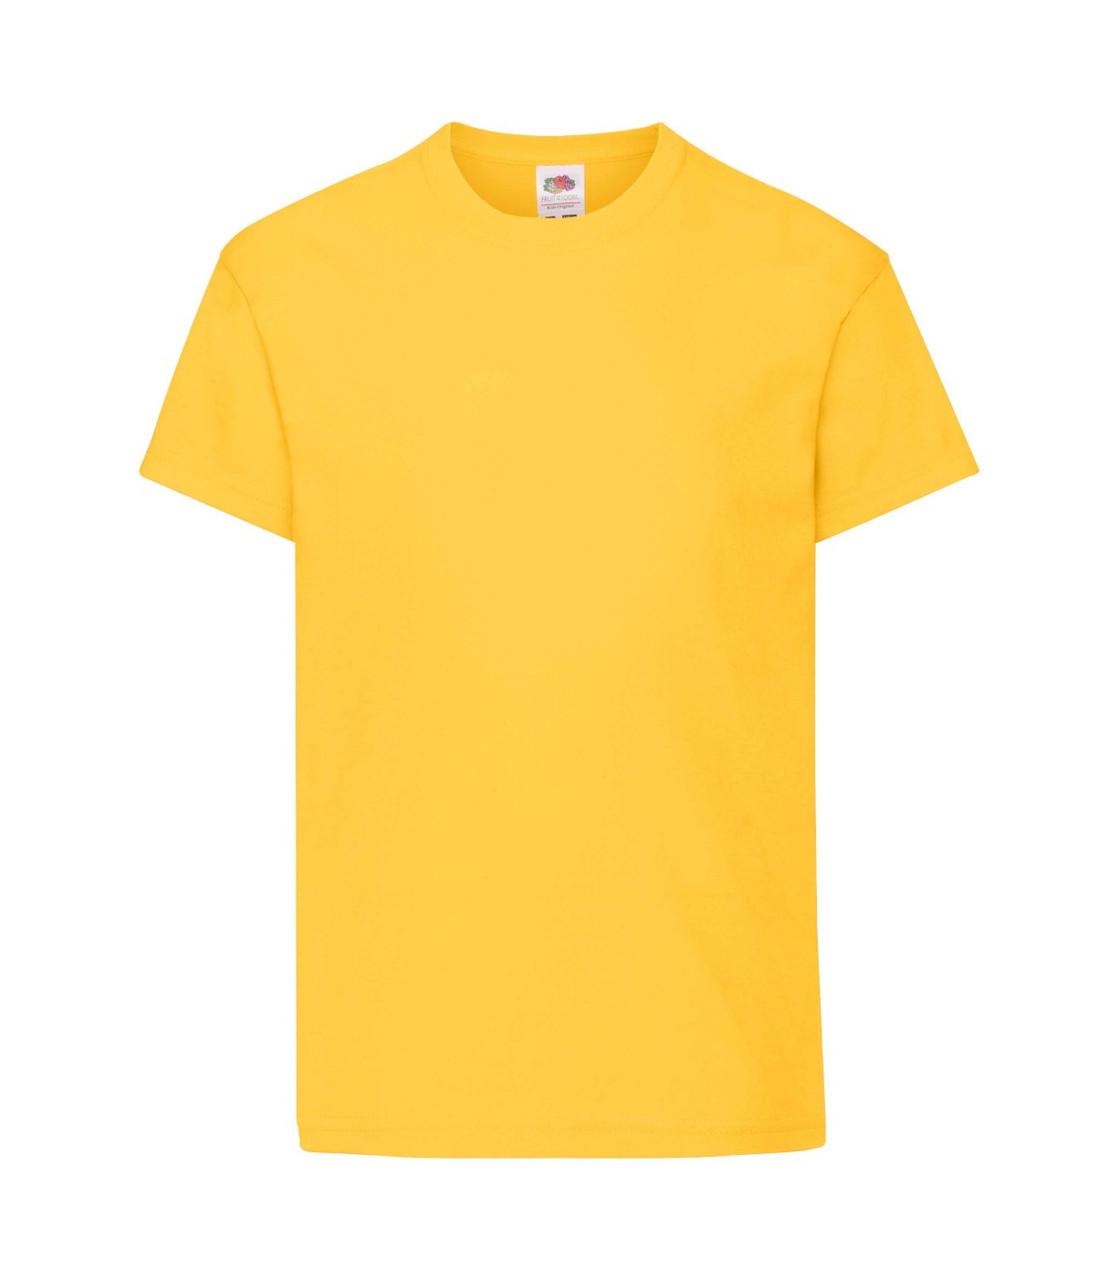 Футболка для мальчиков хлопок желтая 015-34